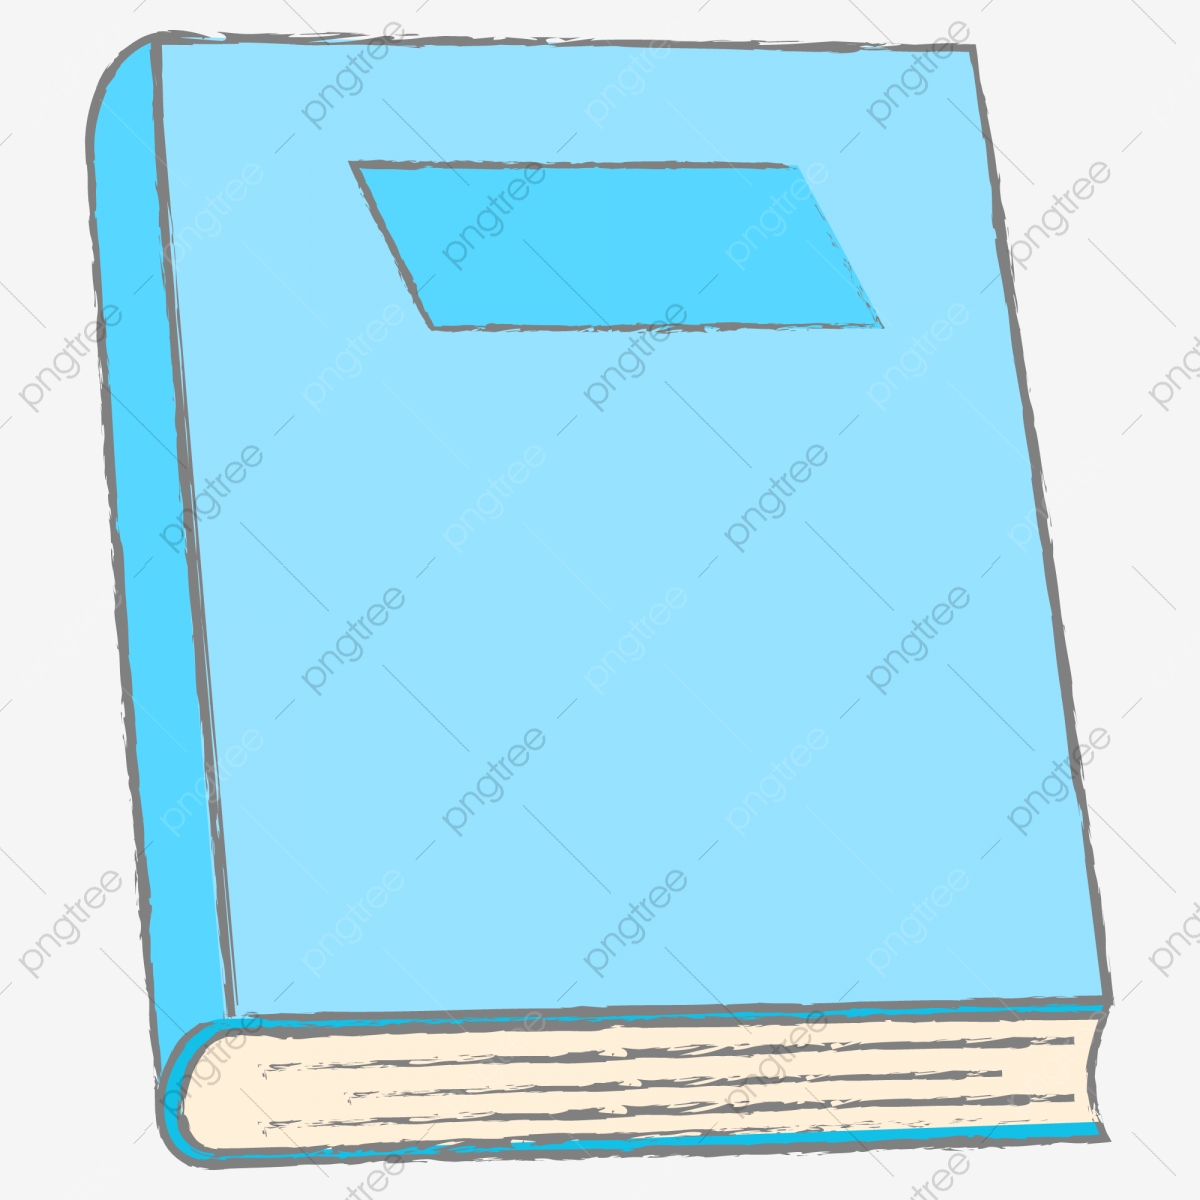 Livre Bleu Un Livre Dessin Anime Vecteur Un Livre Vecteur